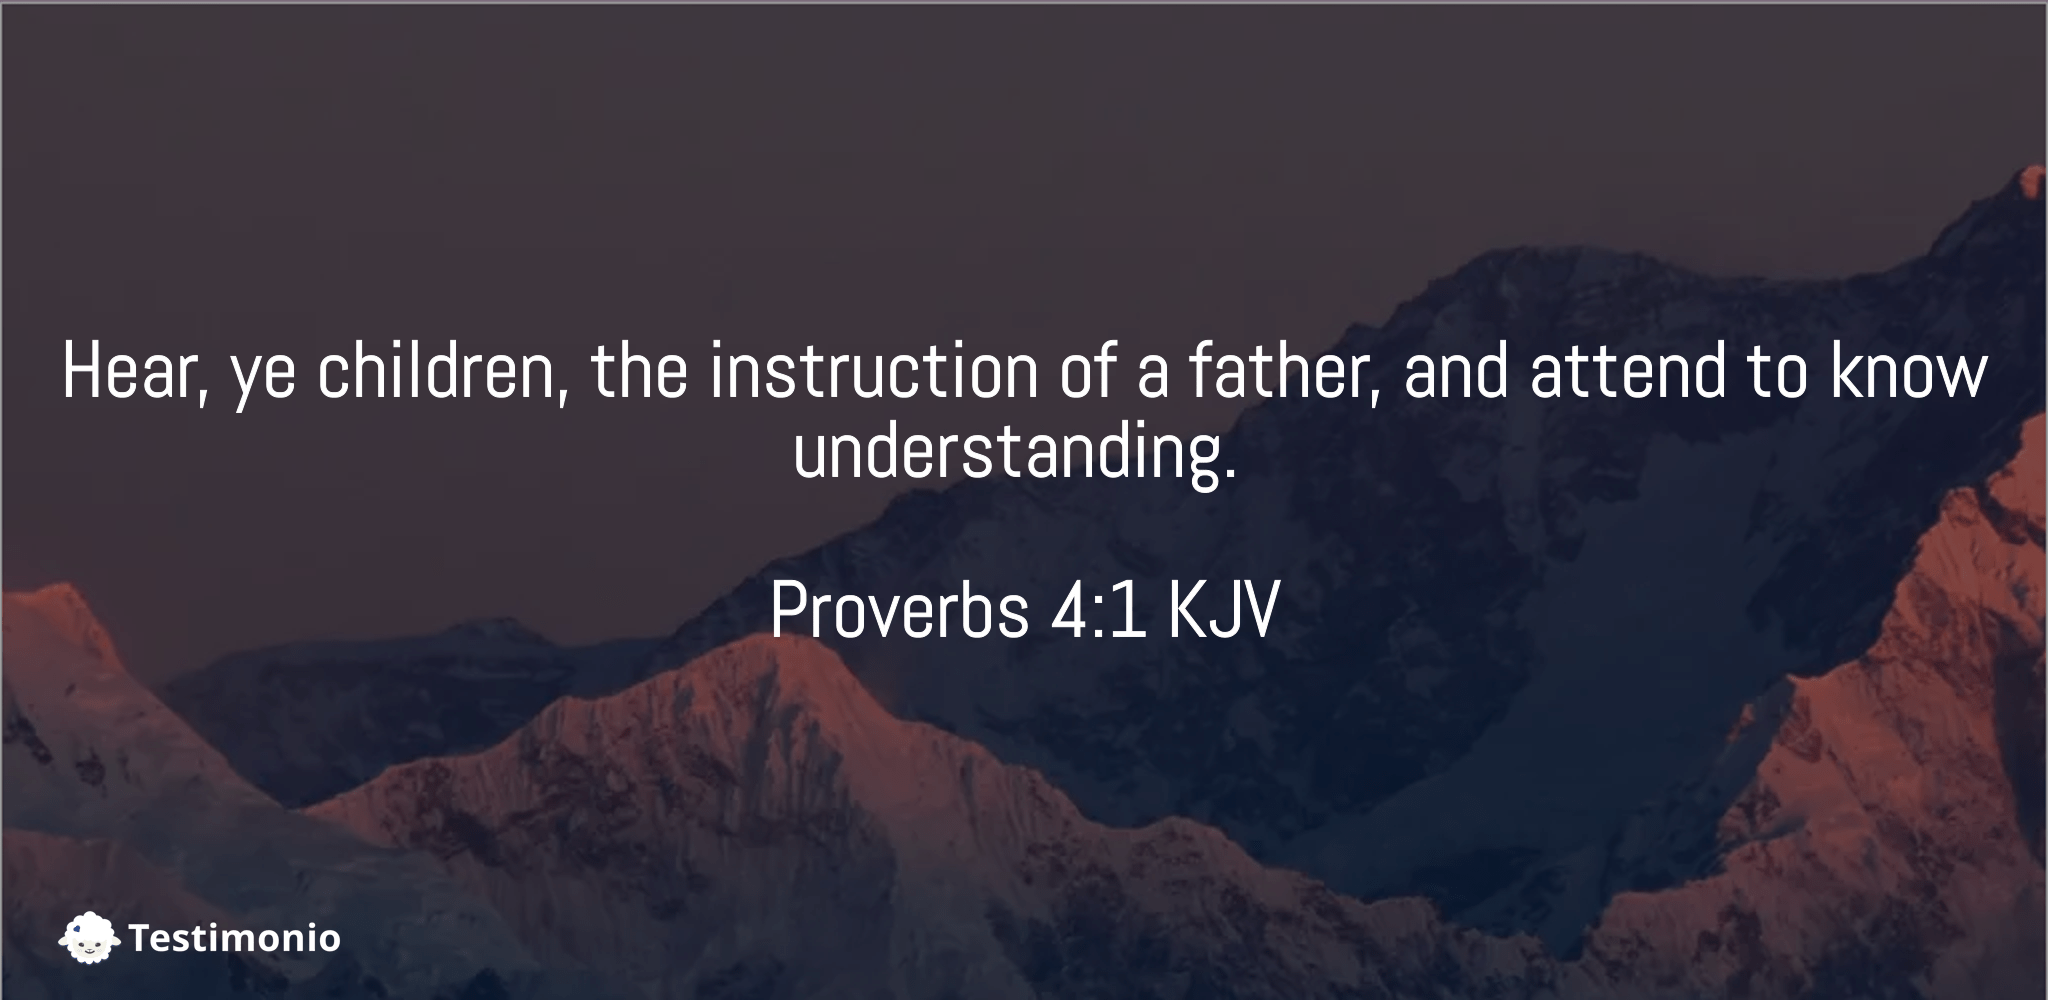 Proverbs 4:1